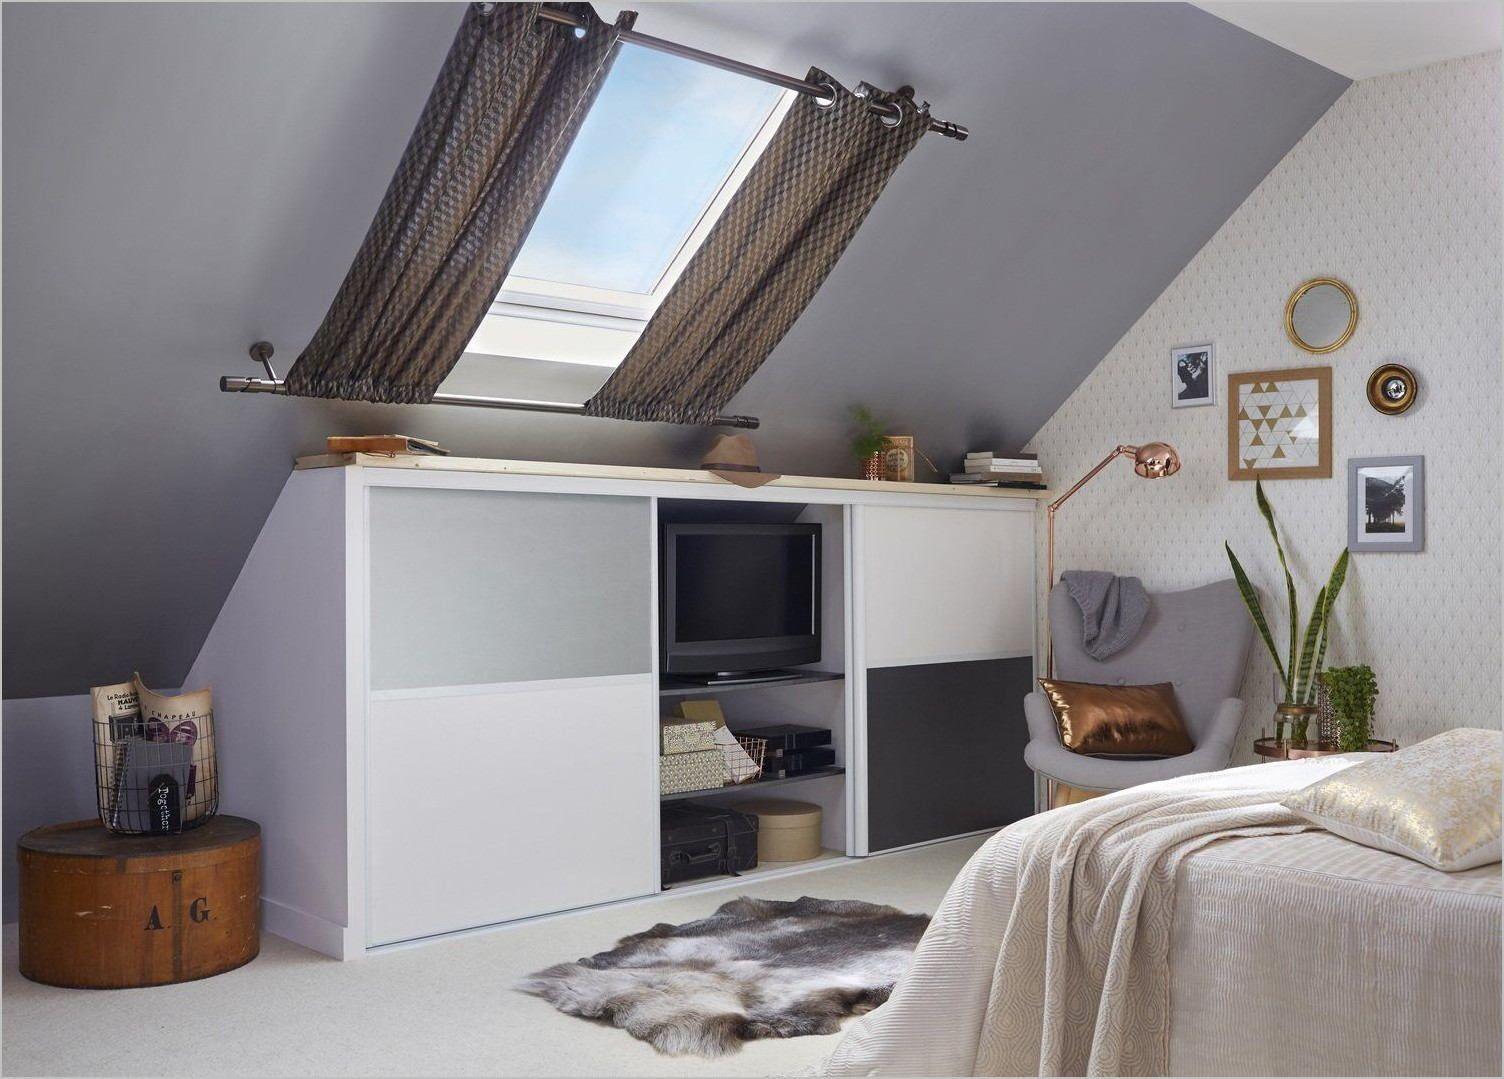 Chambre Dans Les Combles Deco   Comment aménager une petite chambre, Amenagement petite chambre ...